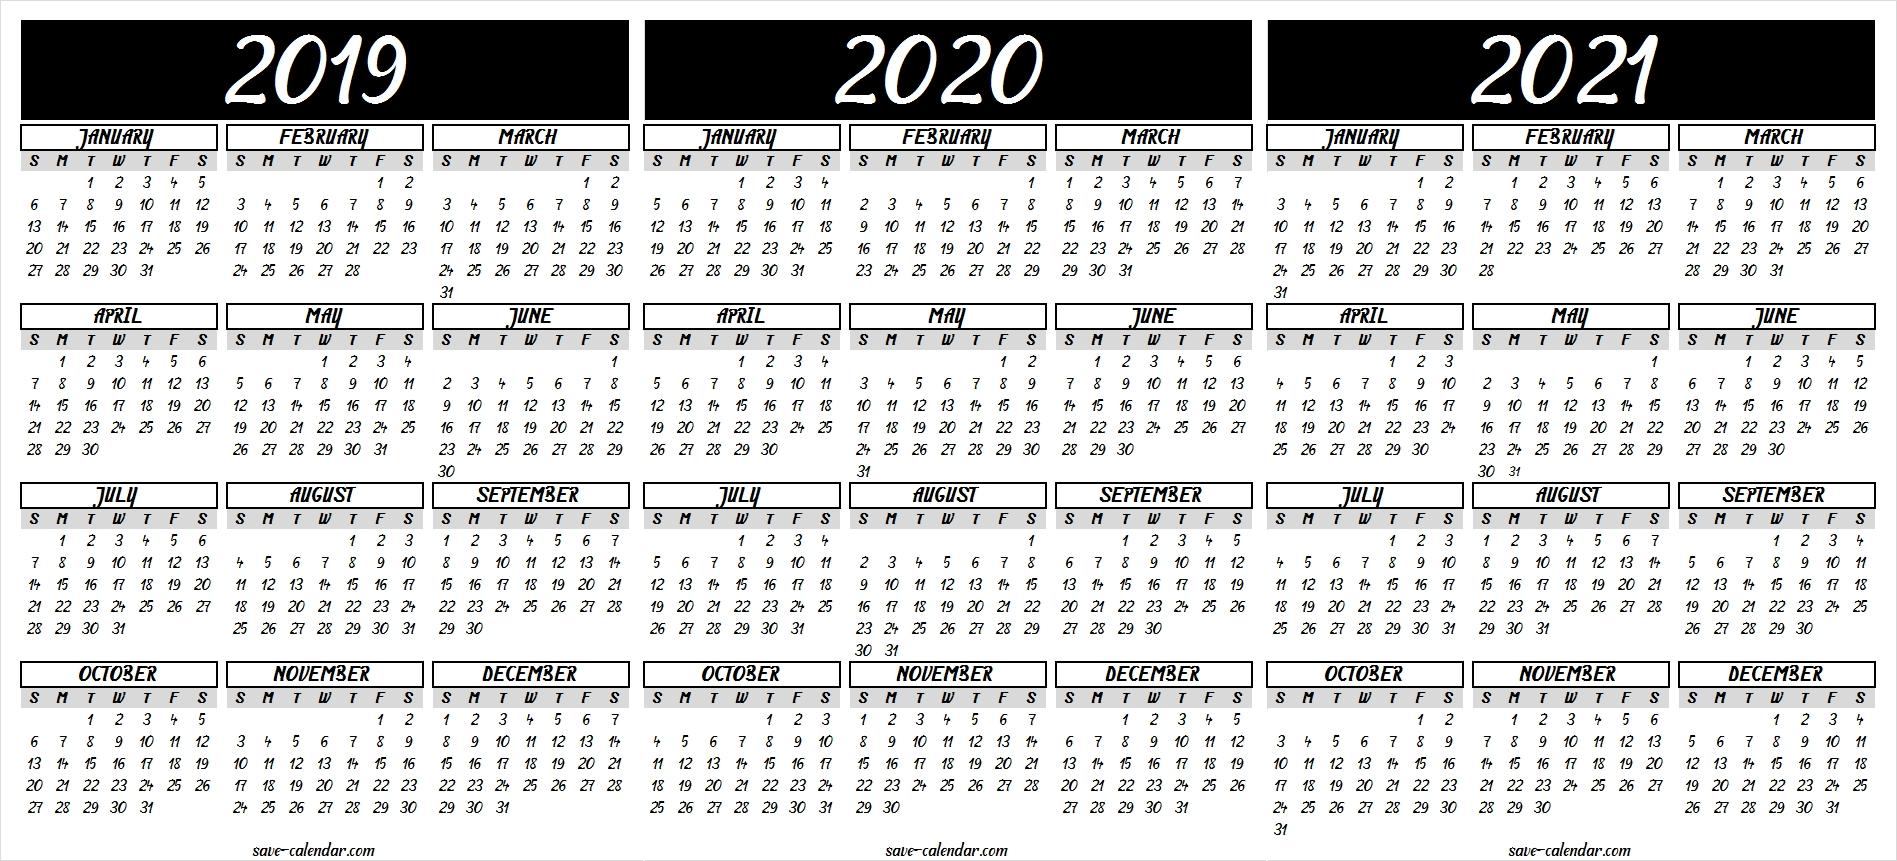 2019 2020 2021 Calendar Printable | 2021 Calendar, Templates for 2019 2020 2021 Printable Calendar